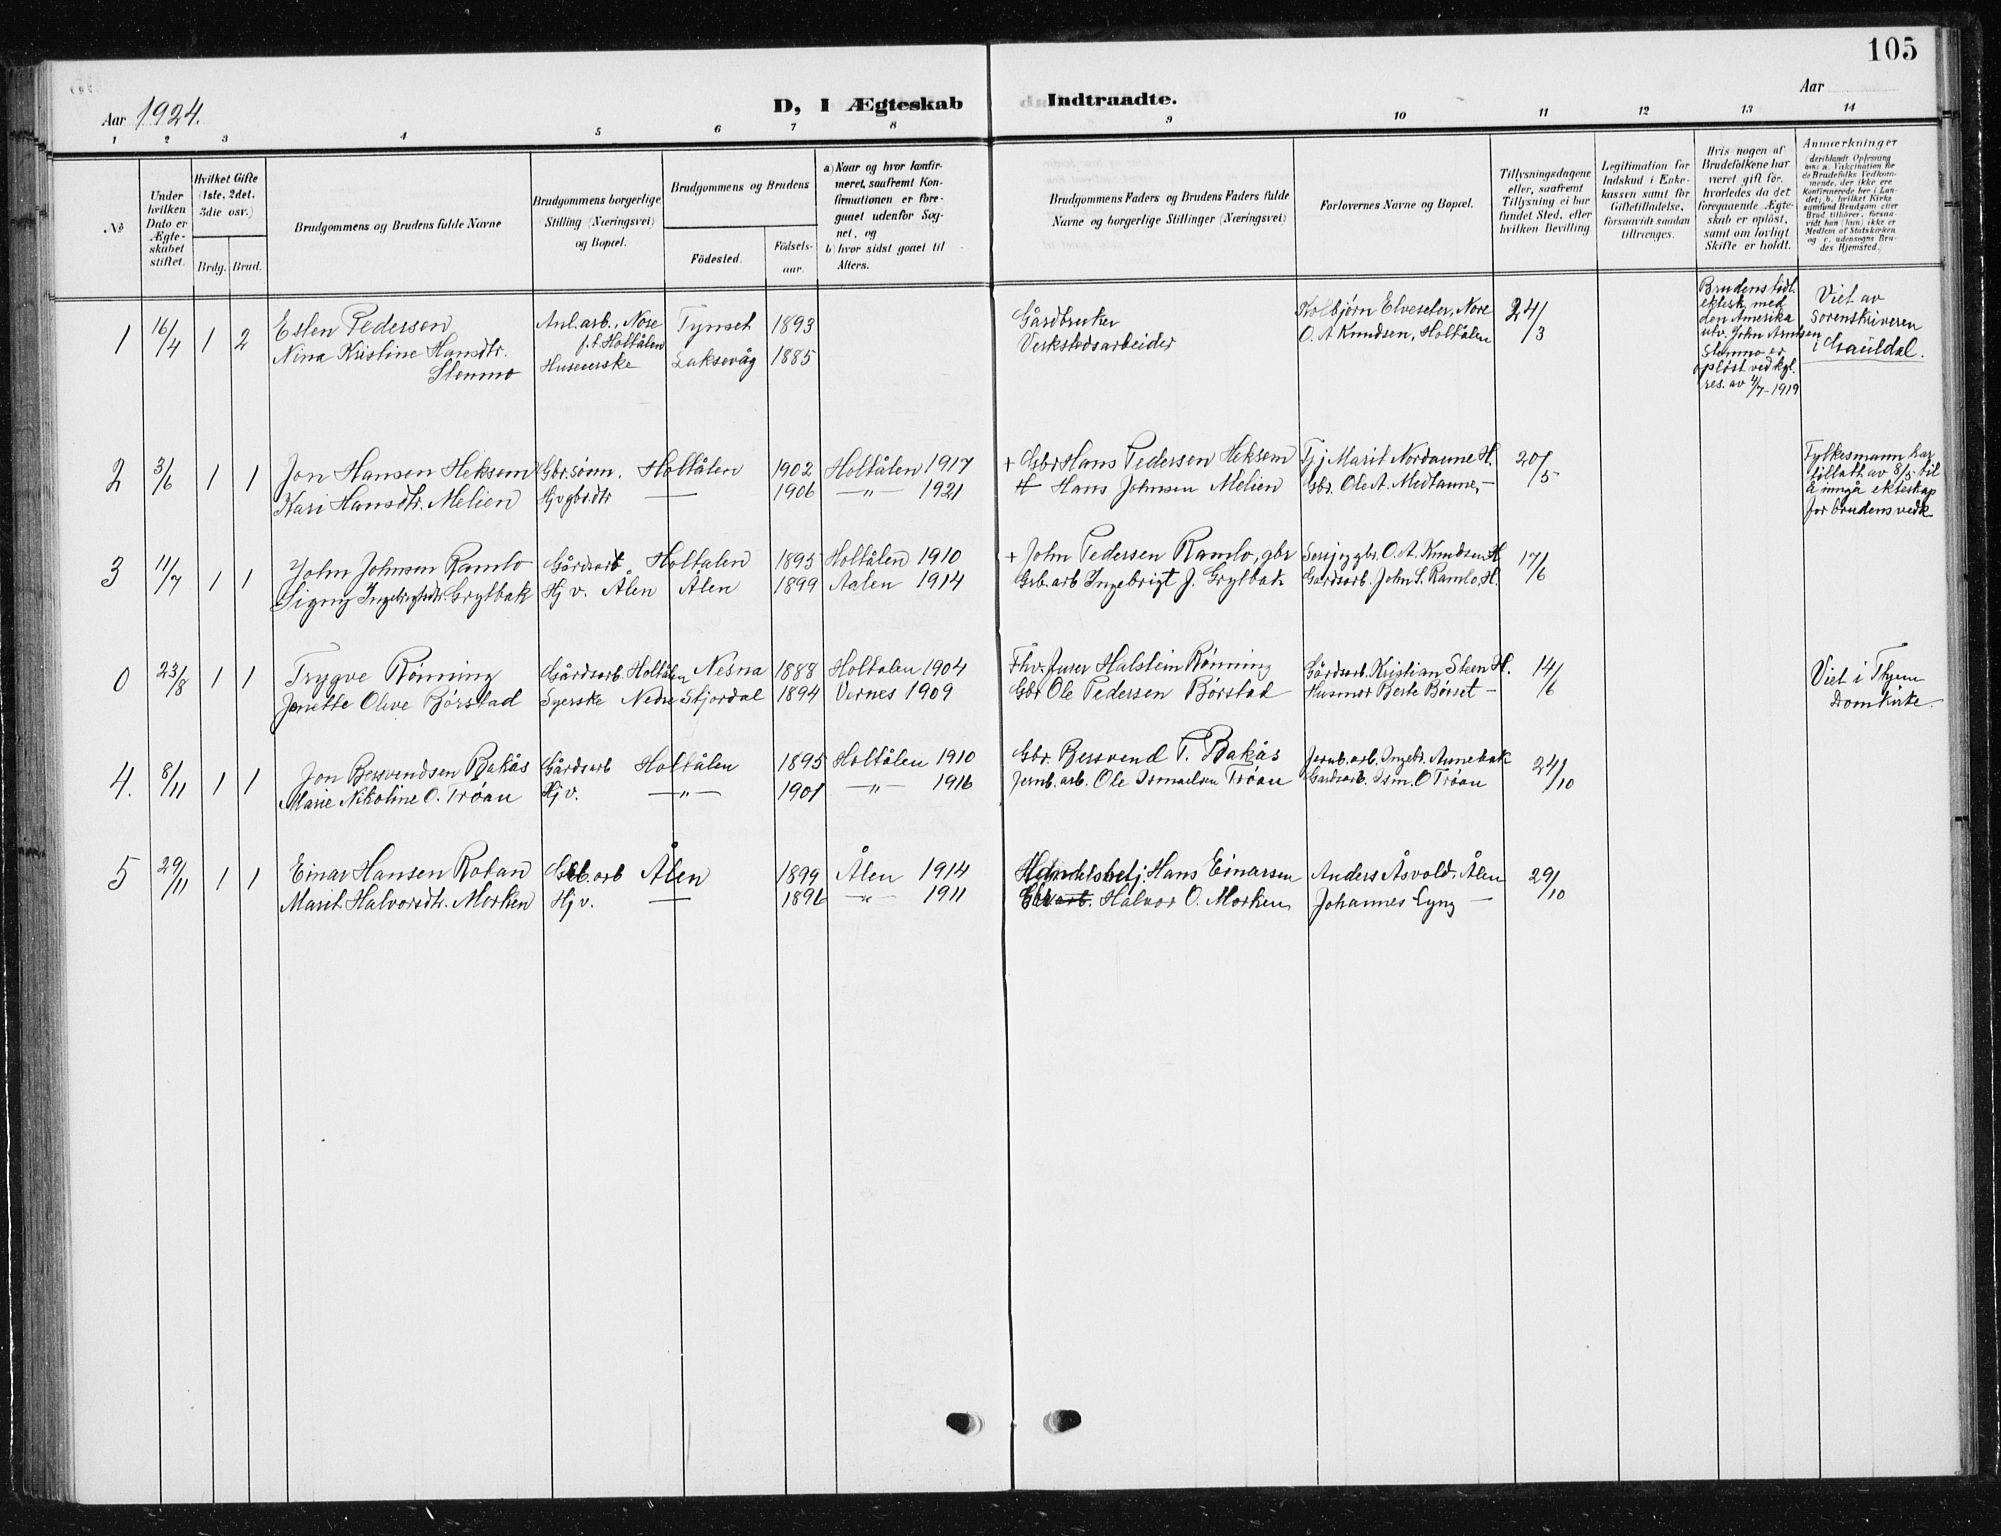 SAT, Ministerialprotokoller, klokkerbøker og fødselsregistre - Sør-Trøndelag, 685/L0979: Klokkerbok nr. 685C04, 1908-1933, s. 105